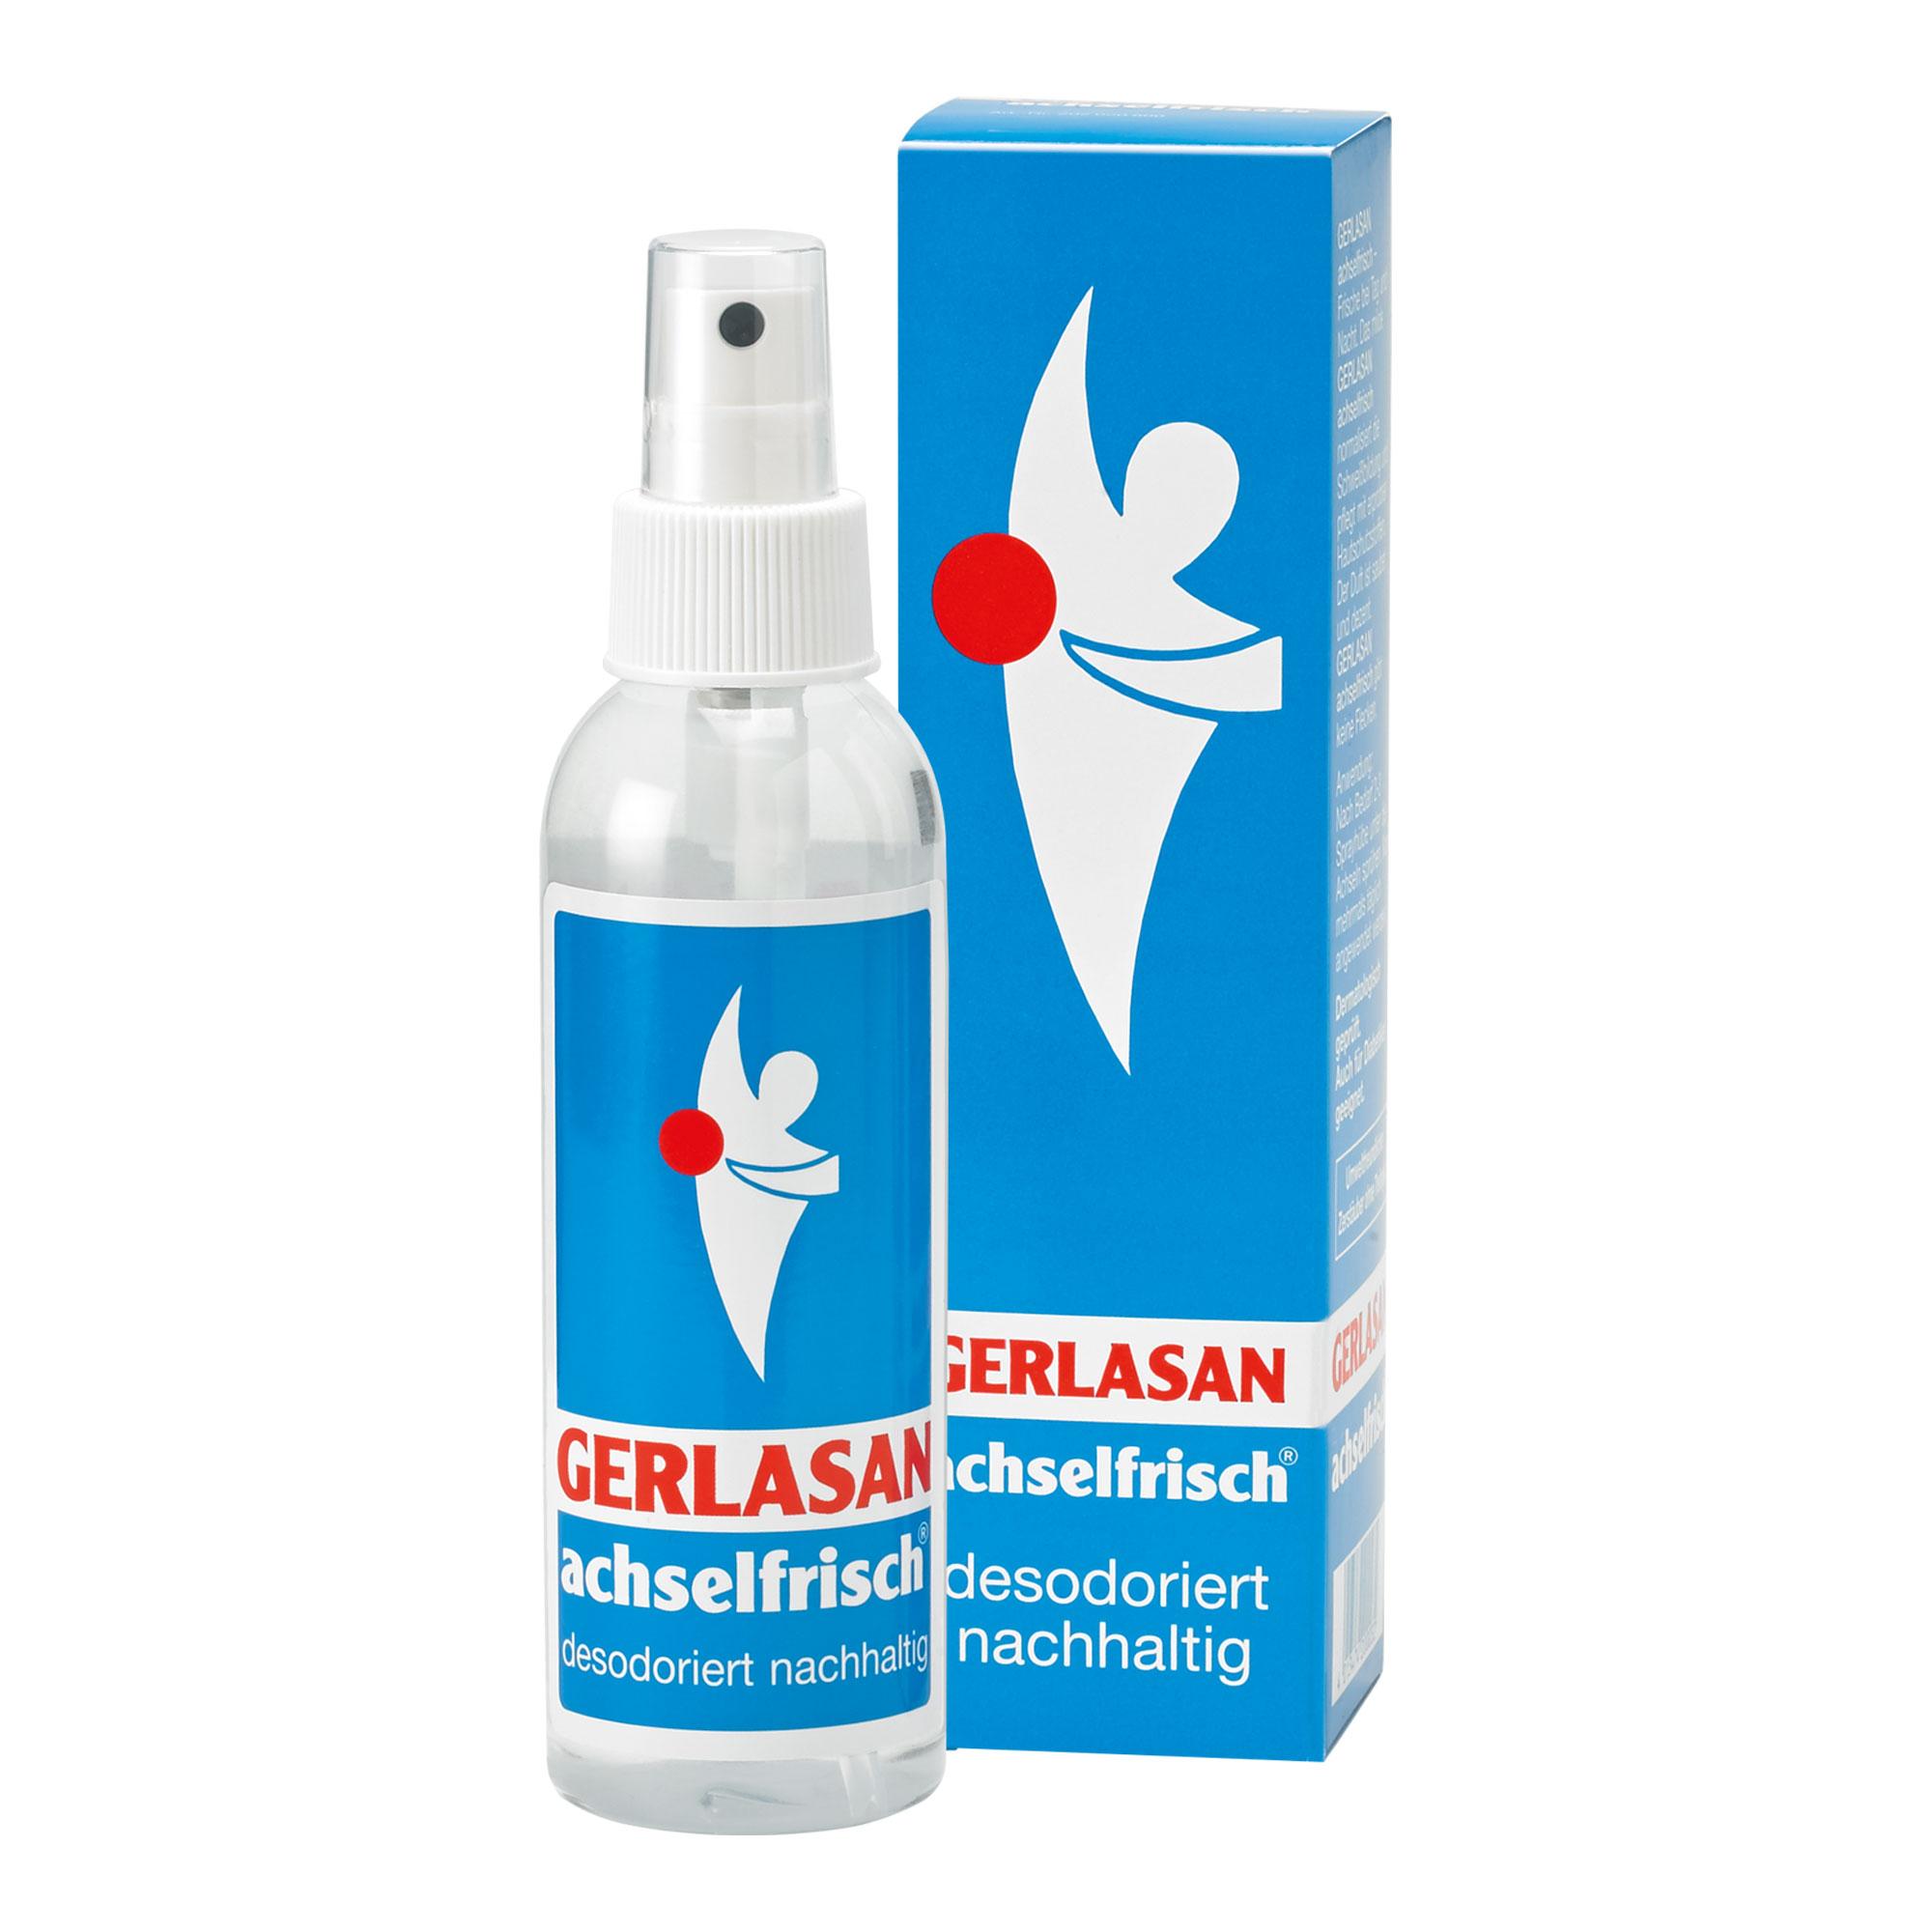 Gerlasan Achselfrisch Pumpspray